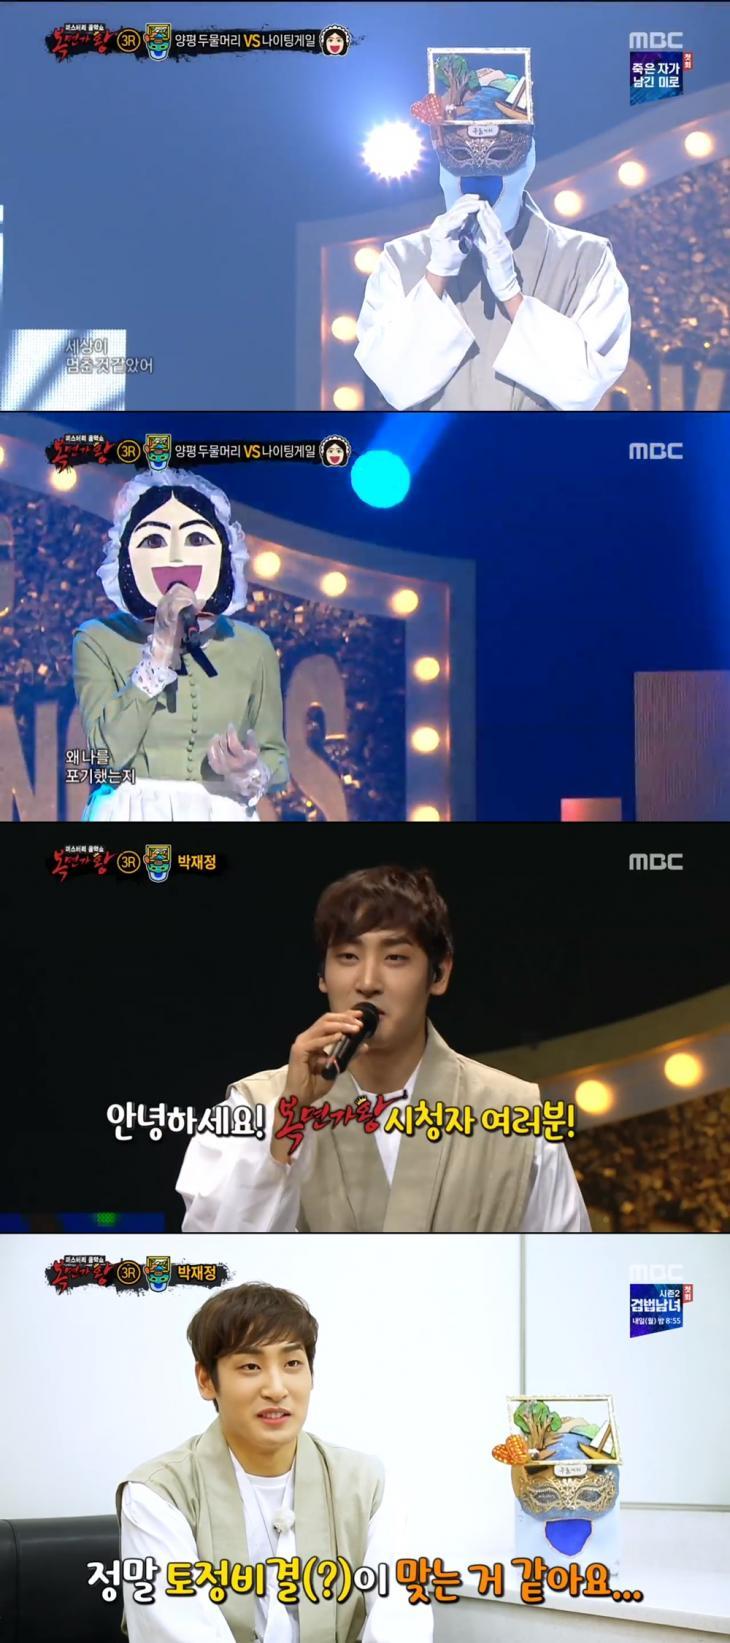 MBC '복면가왕' 방송 캡쳐